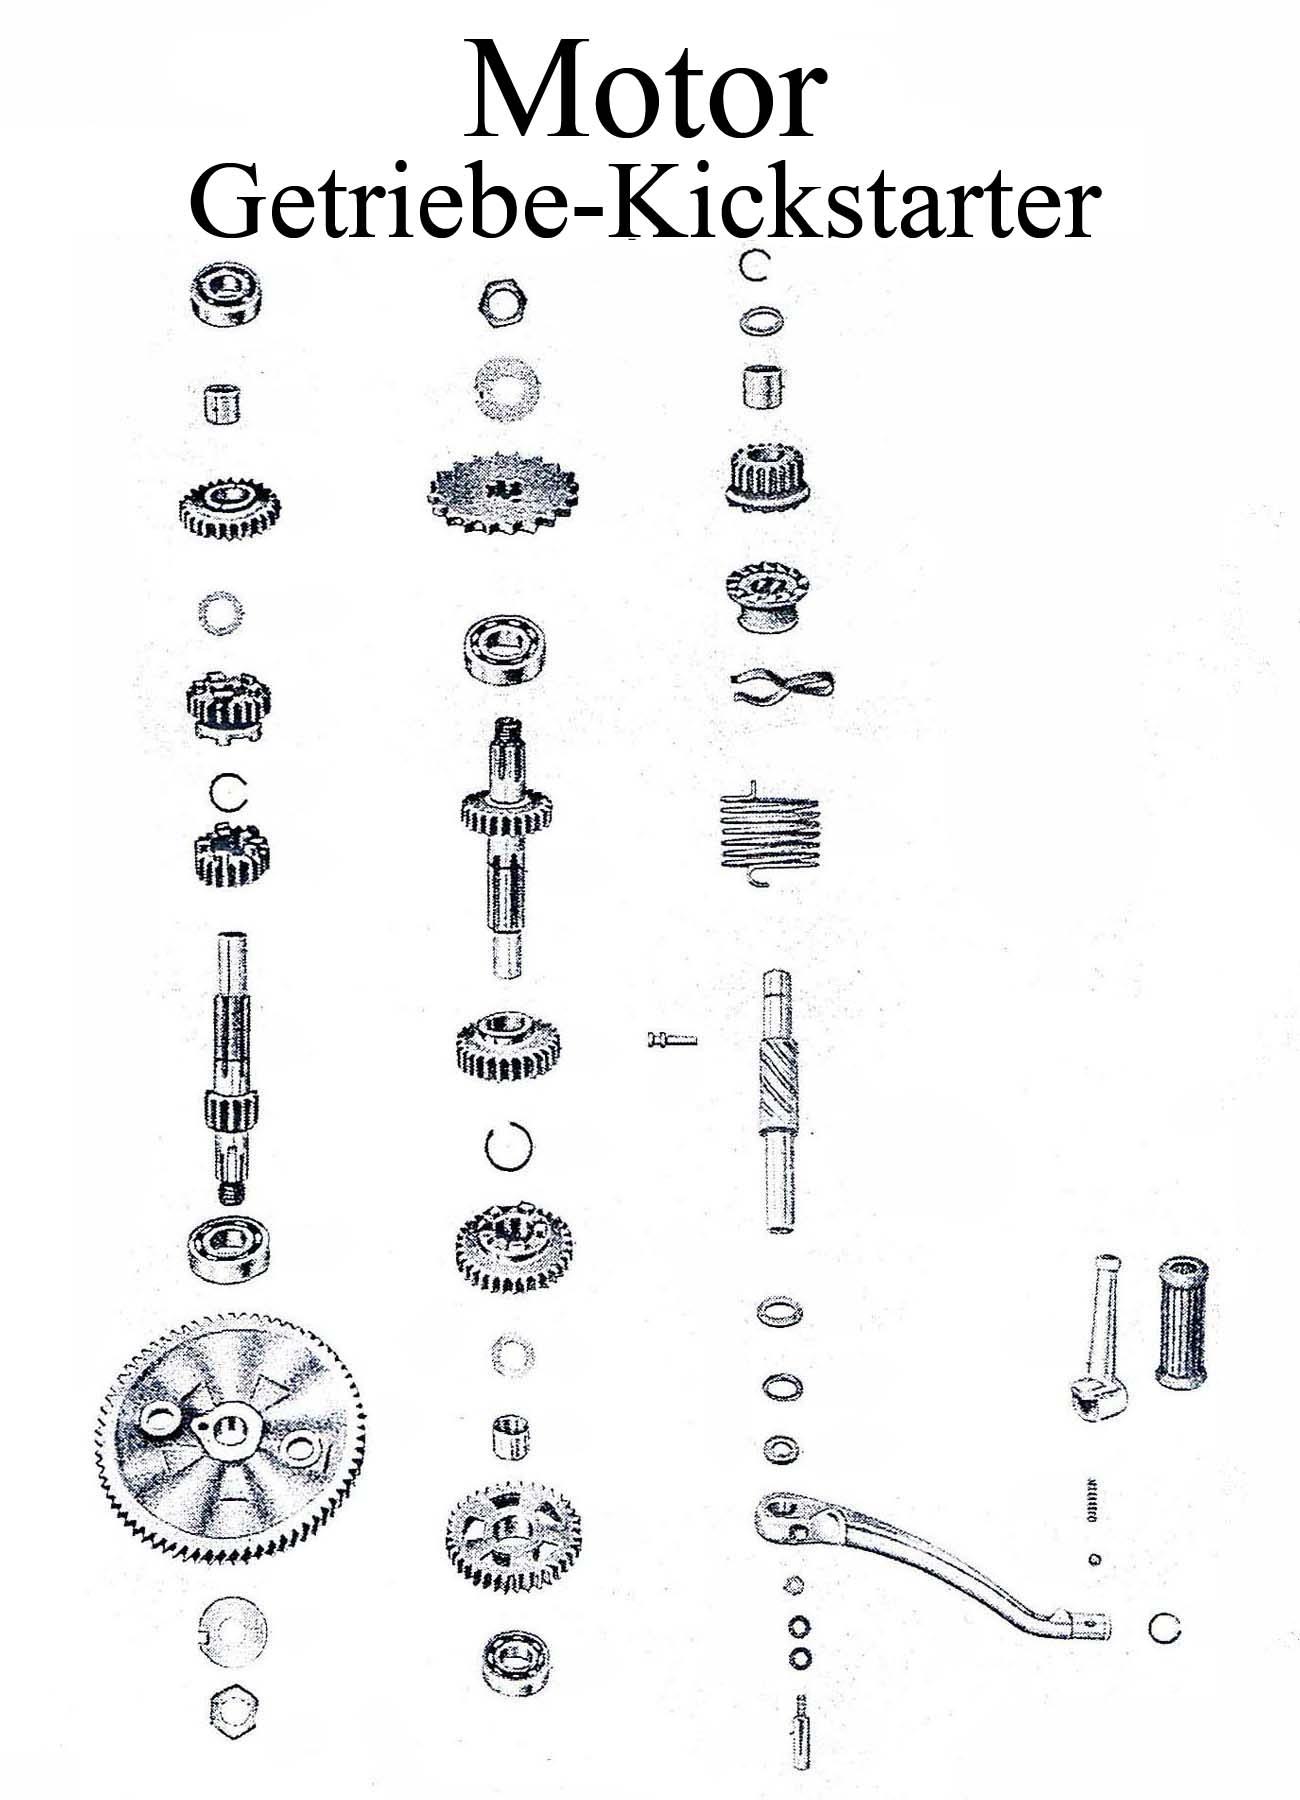 MZ ES 175-250/0-1Ersatzteileliste Motor Getriebe Kickstarterwelle Gummi Zahnrad Keilschraube